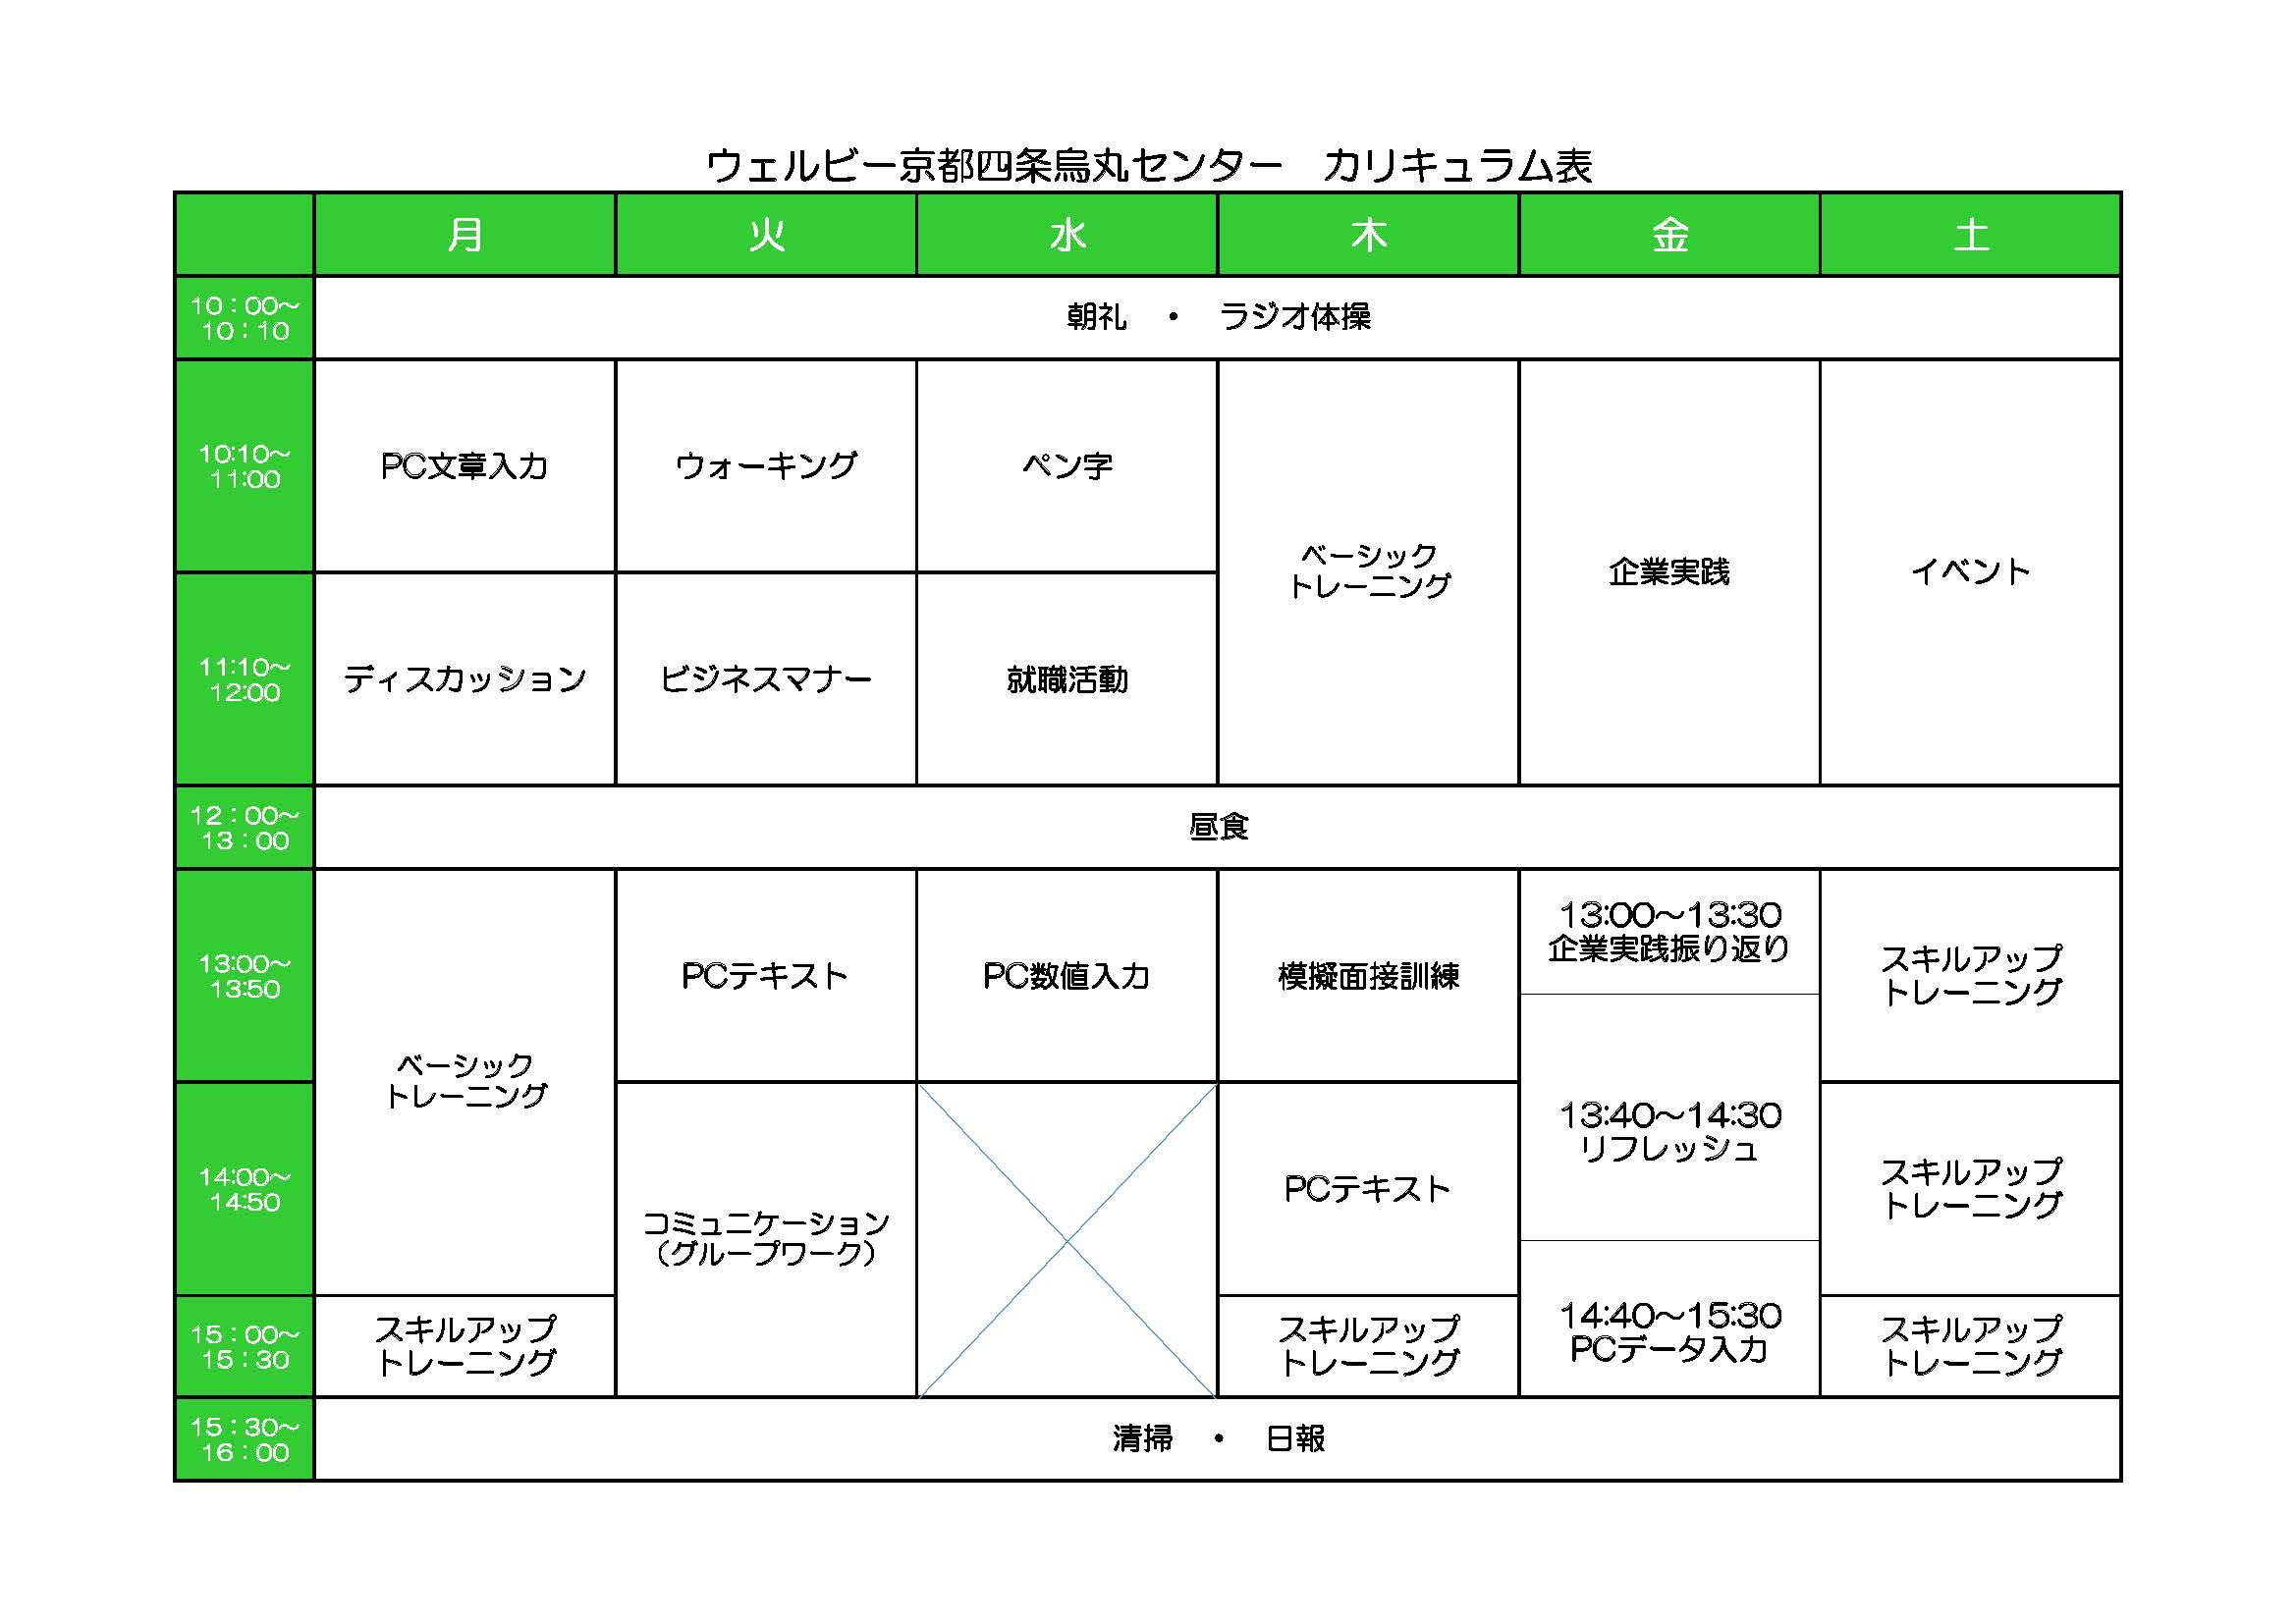 京都四条烏丸センター週間カリキュラム